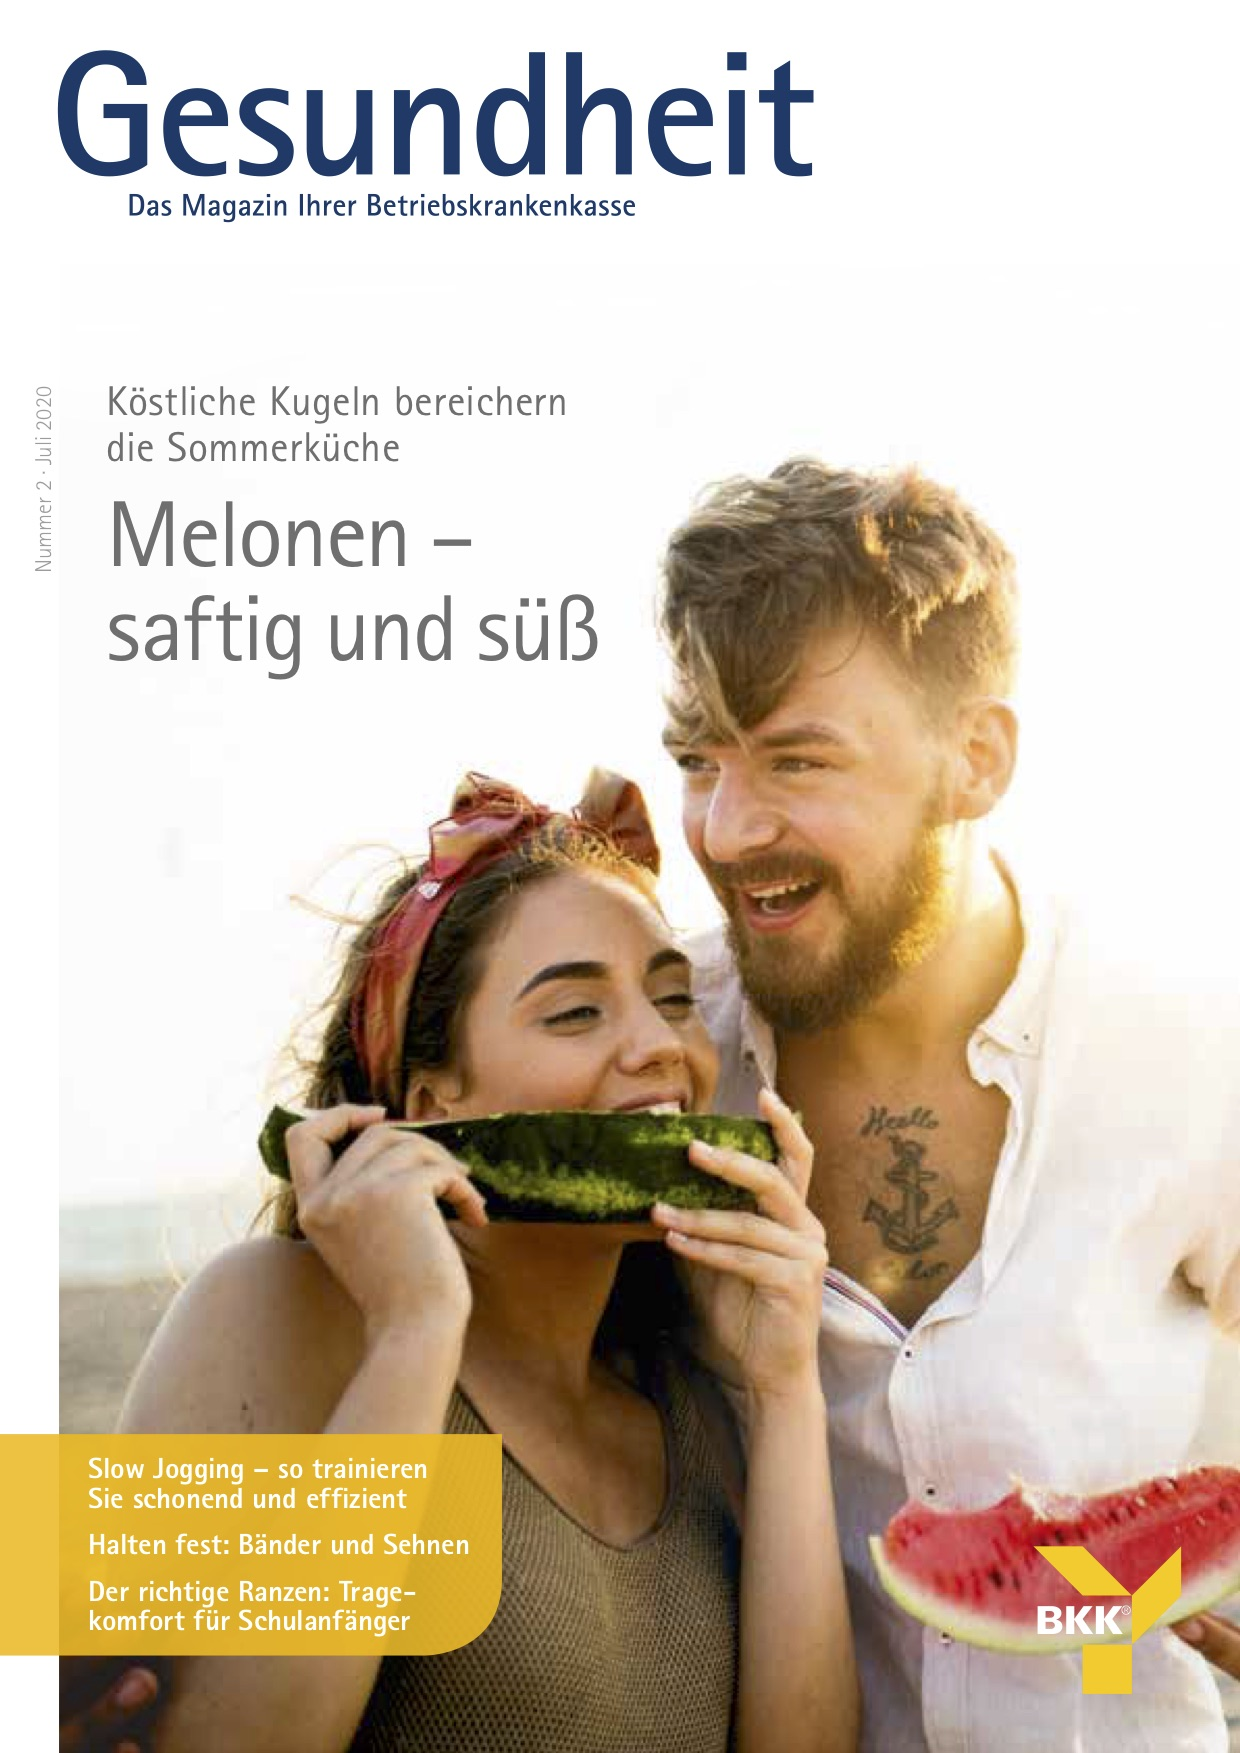 """Interview mit Veronika Langguth & Brita C. Dahlberg vom Frankfurter Ring e.V. zum Erlebnisabend mit dem Thema """"Bewusstes Atmen & Sprechen"""" am 16.02.2021"""